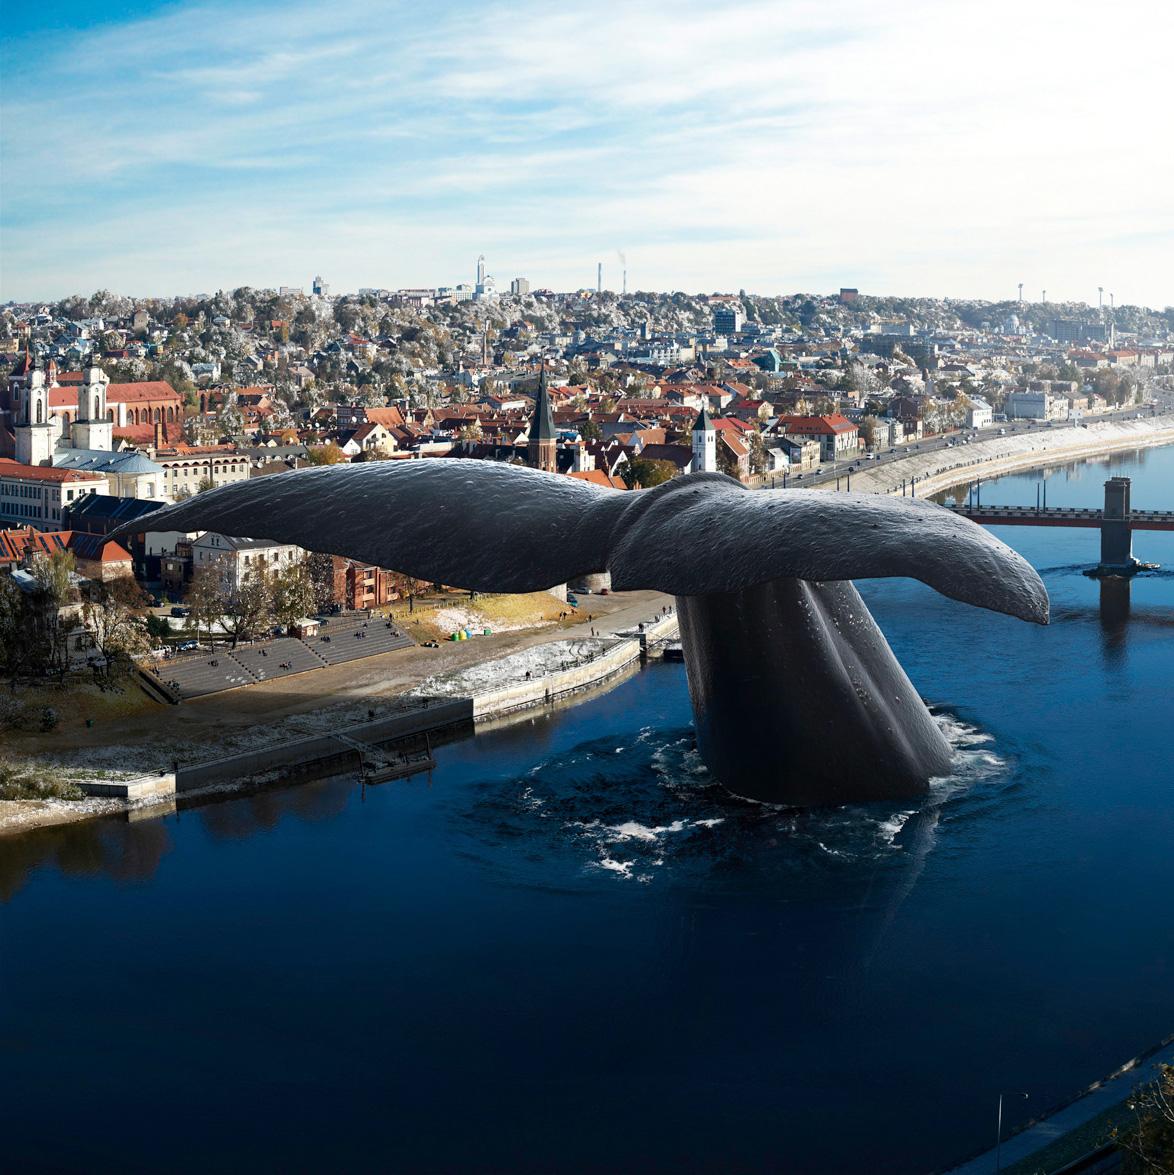 Banginio atvykimas į Kauną